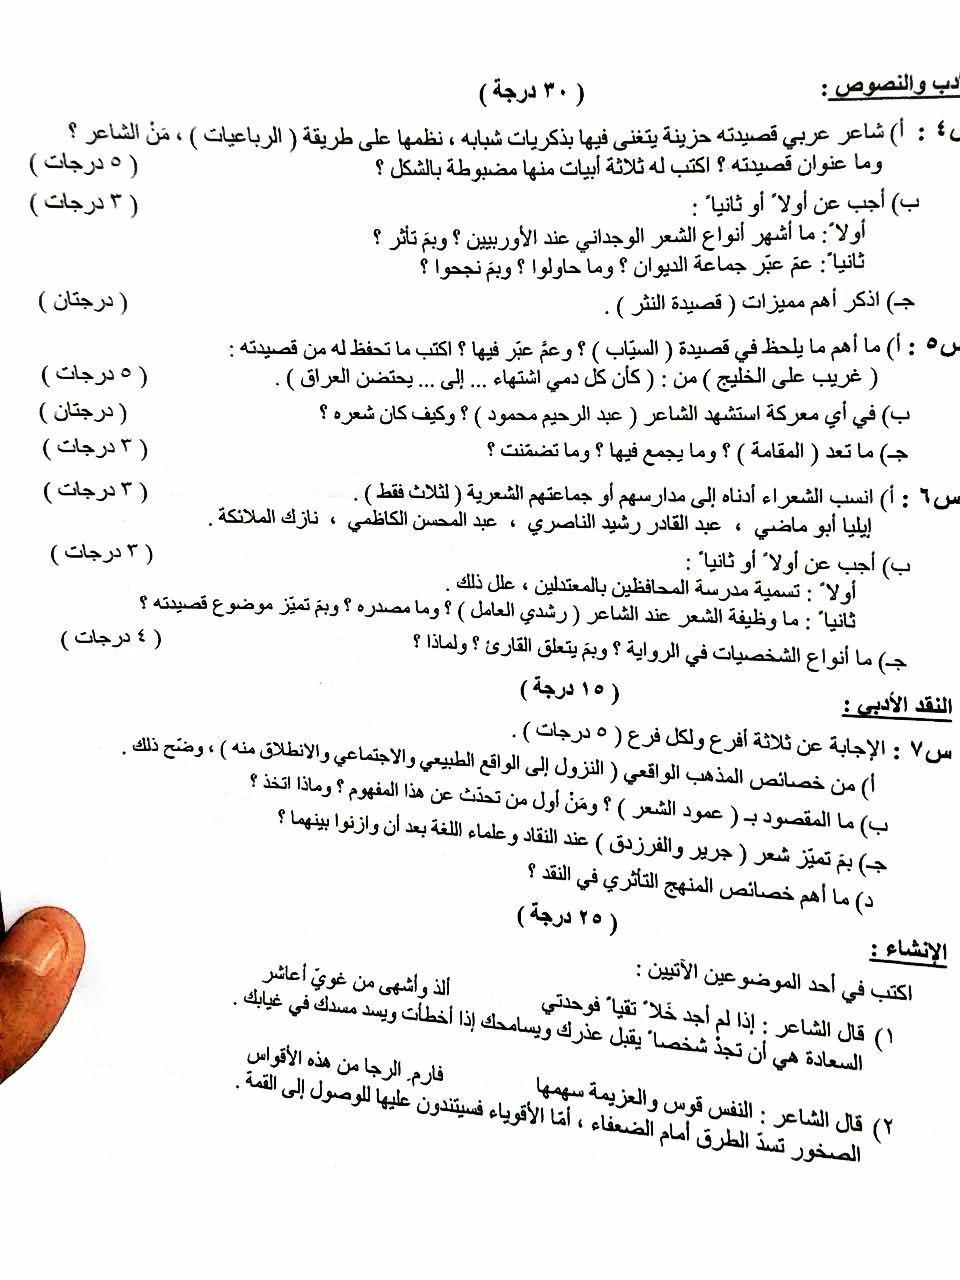 الاسئلة لوزارية اللغة العربية الفرع الادبي 2018  الدور الاول  219